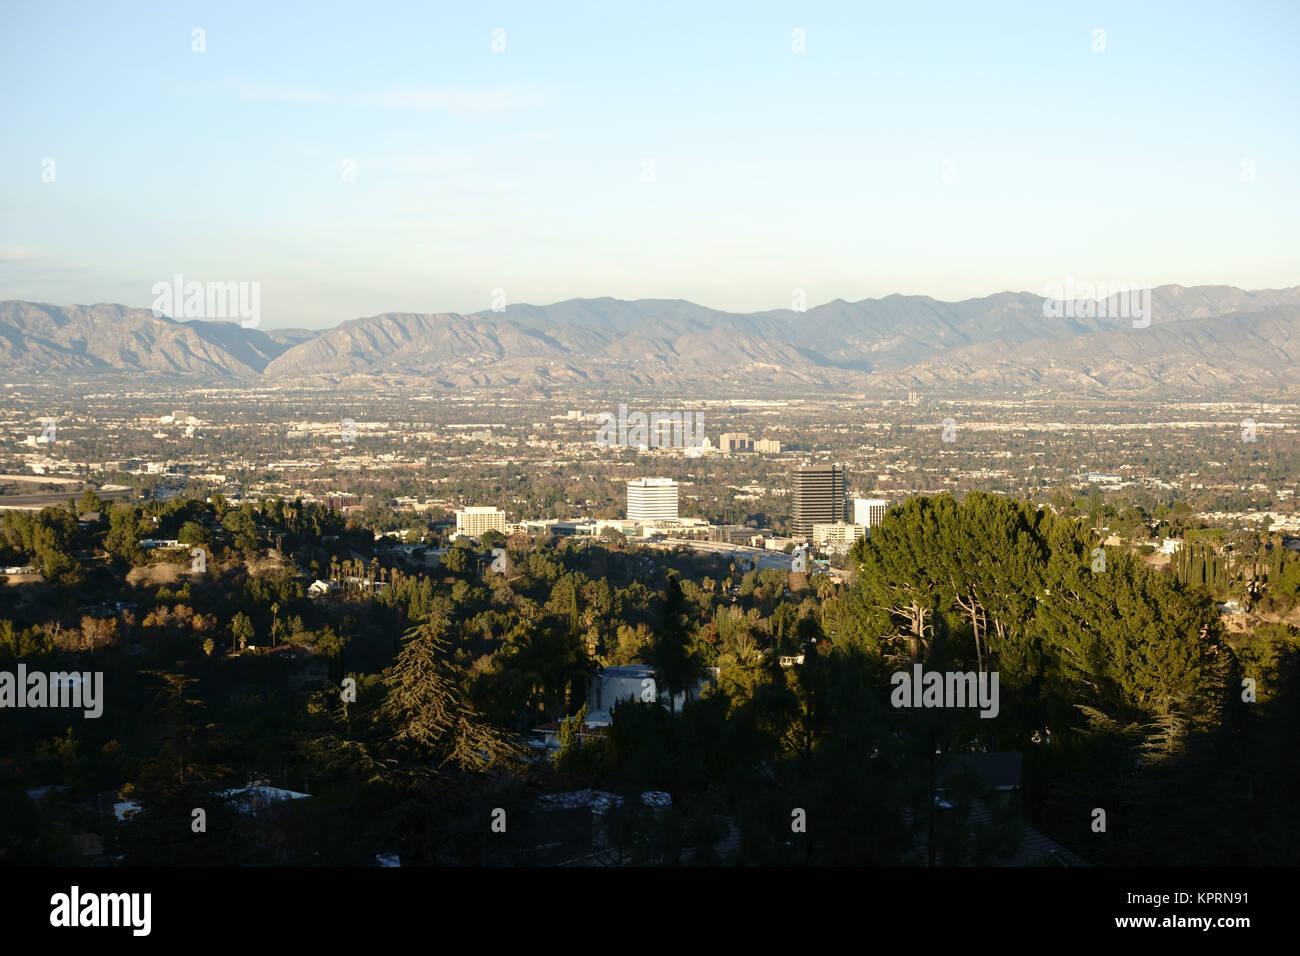 Die Skyline von Los Angeles mit wenigen Hochhäusern umgeben von einer hohen Menge von Parkanlagen, Bäumen - Stock Image